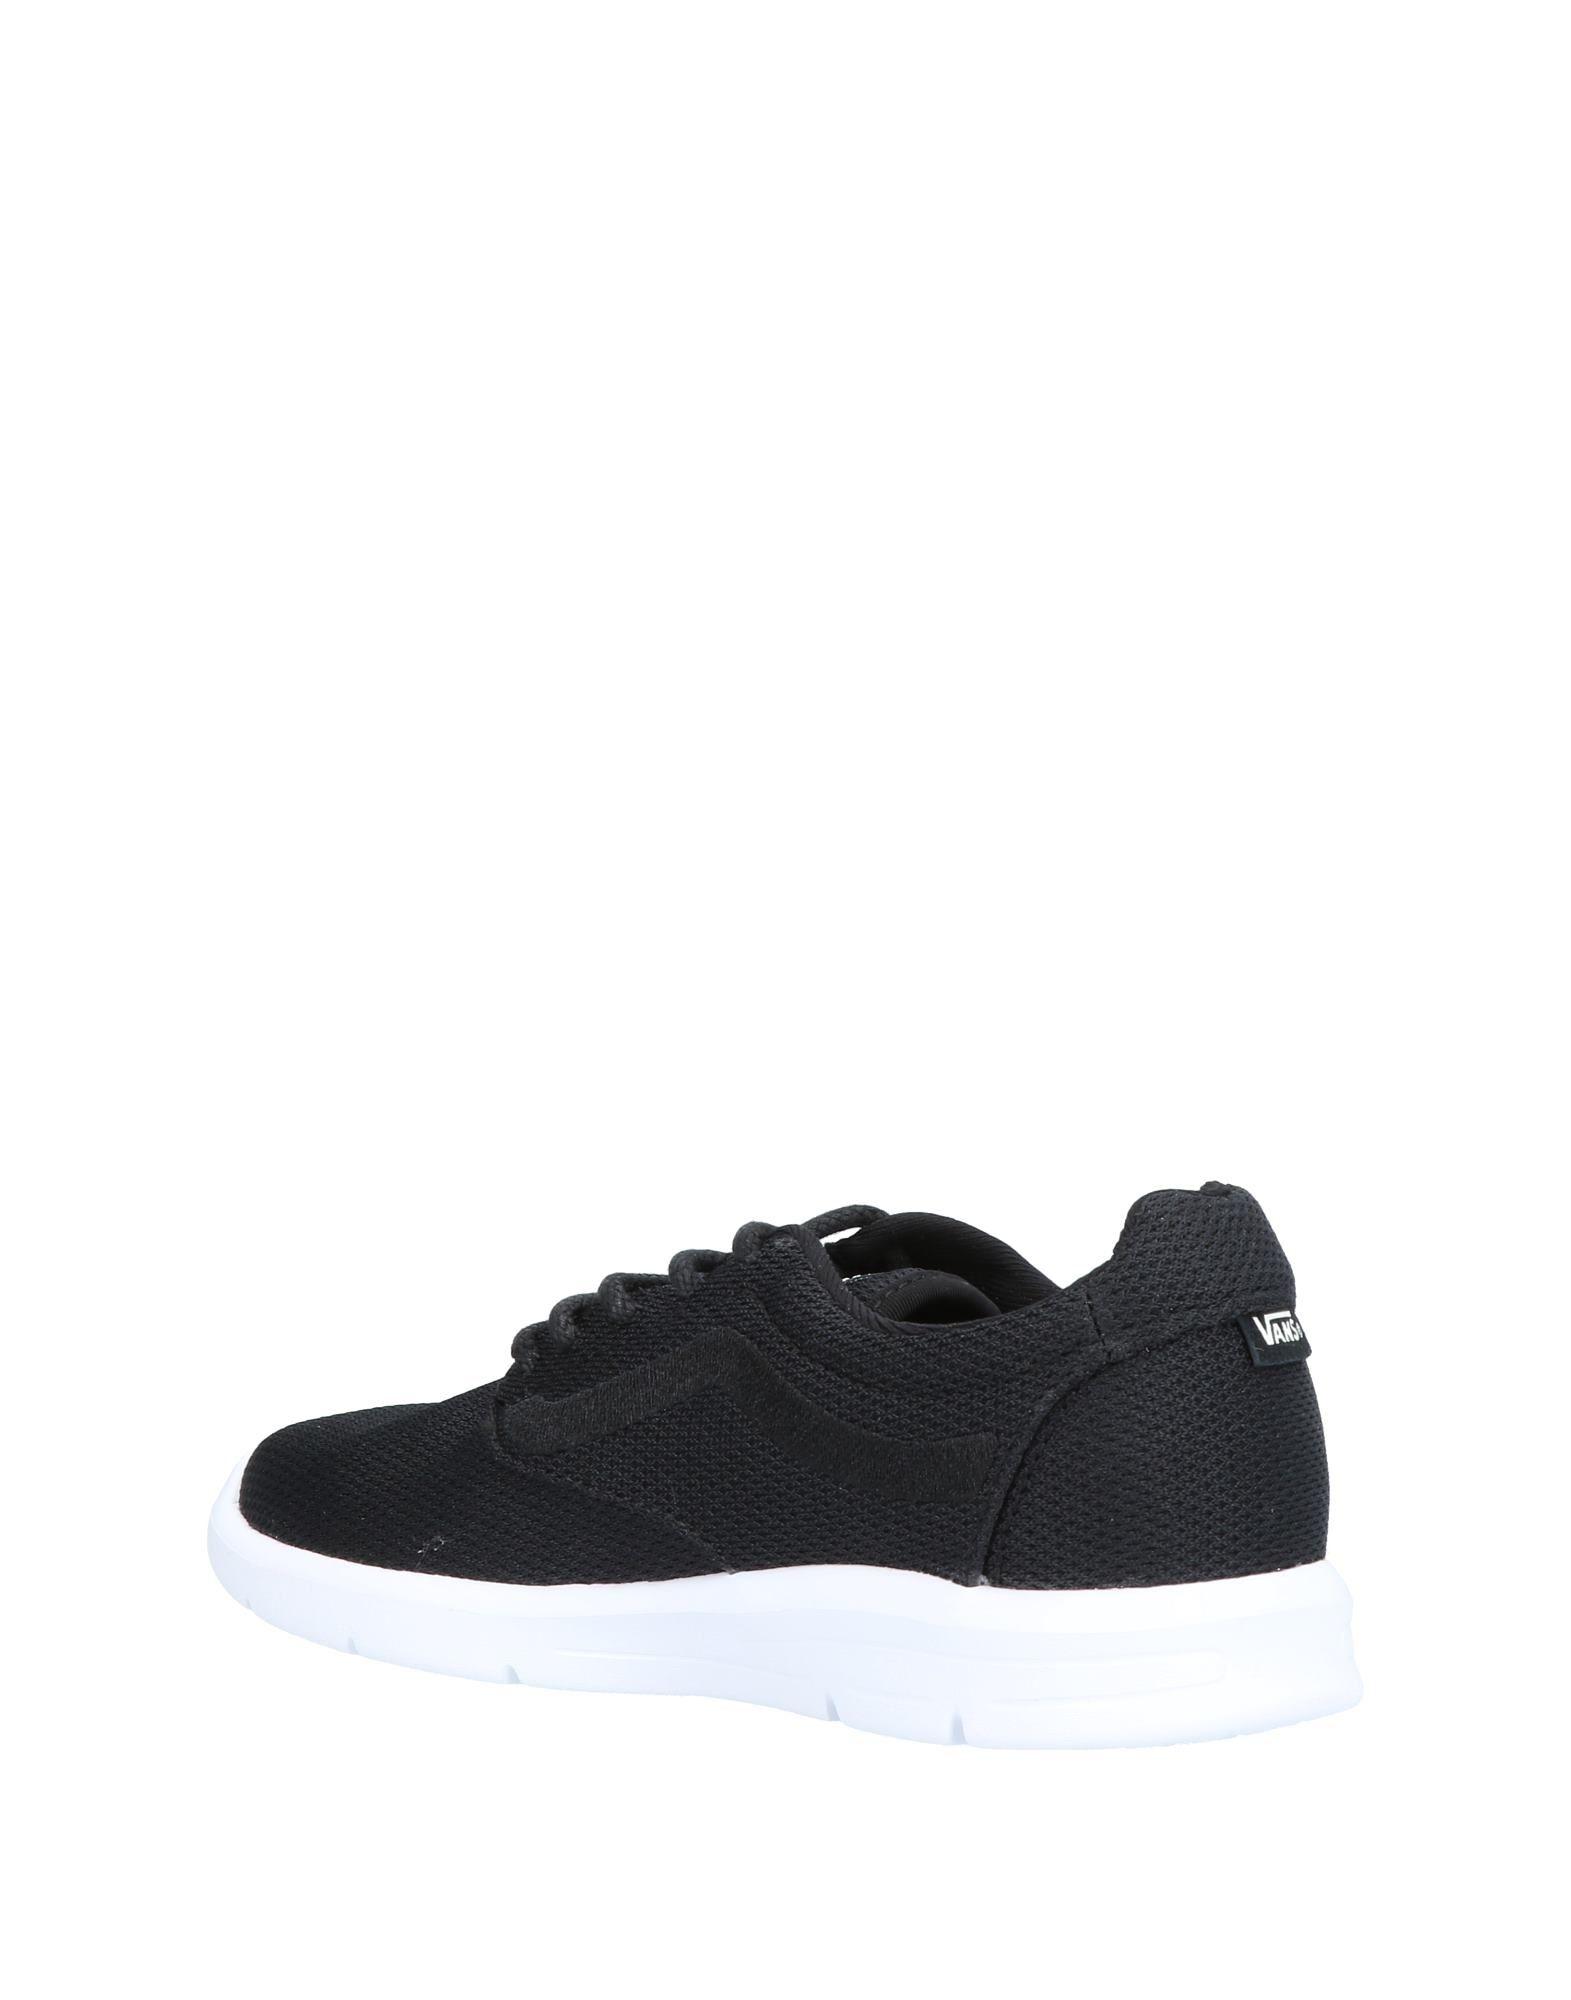 Sneakers Vans Femme - Sneakers Vans sur